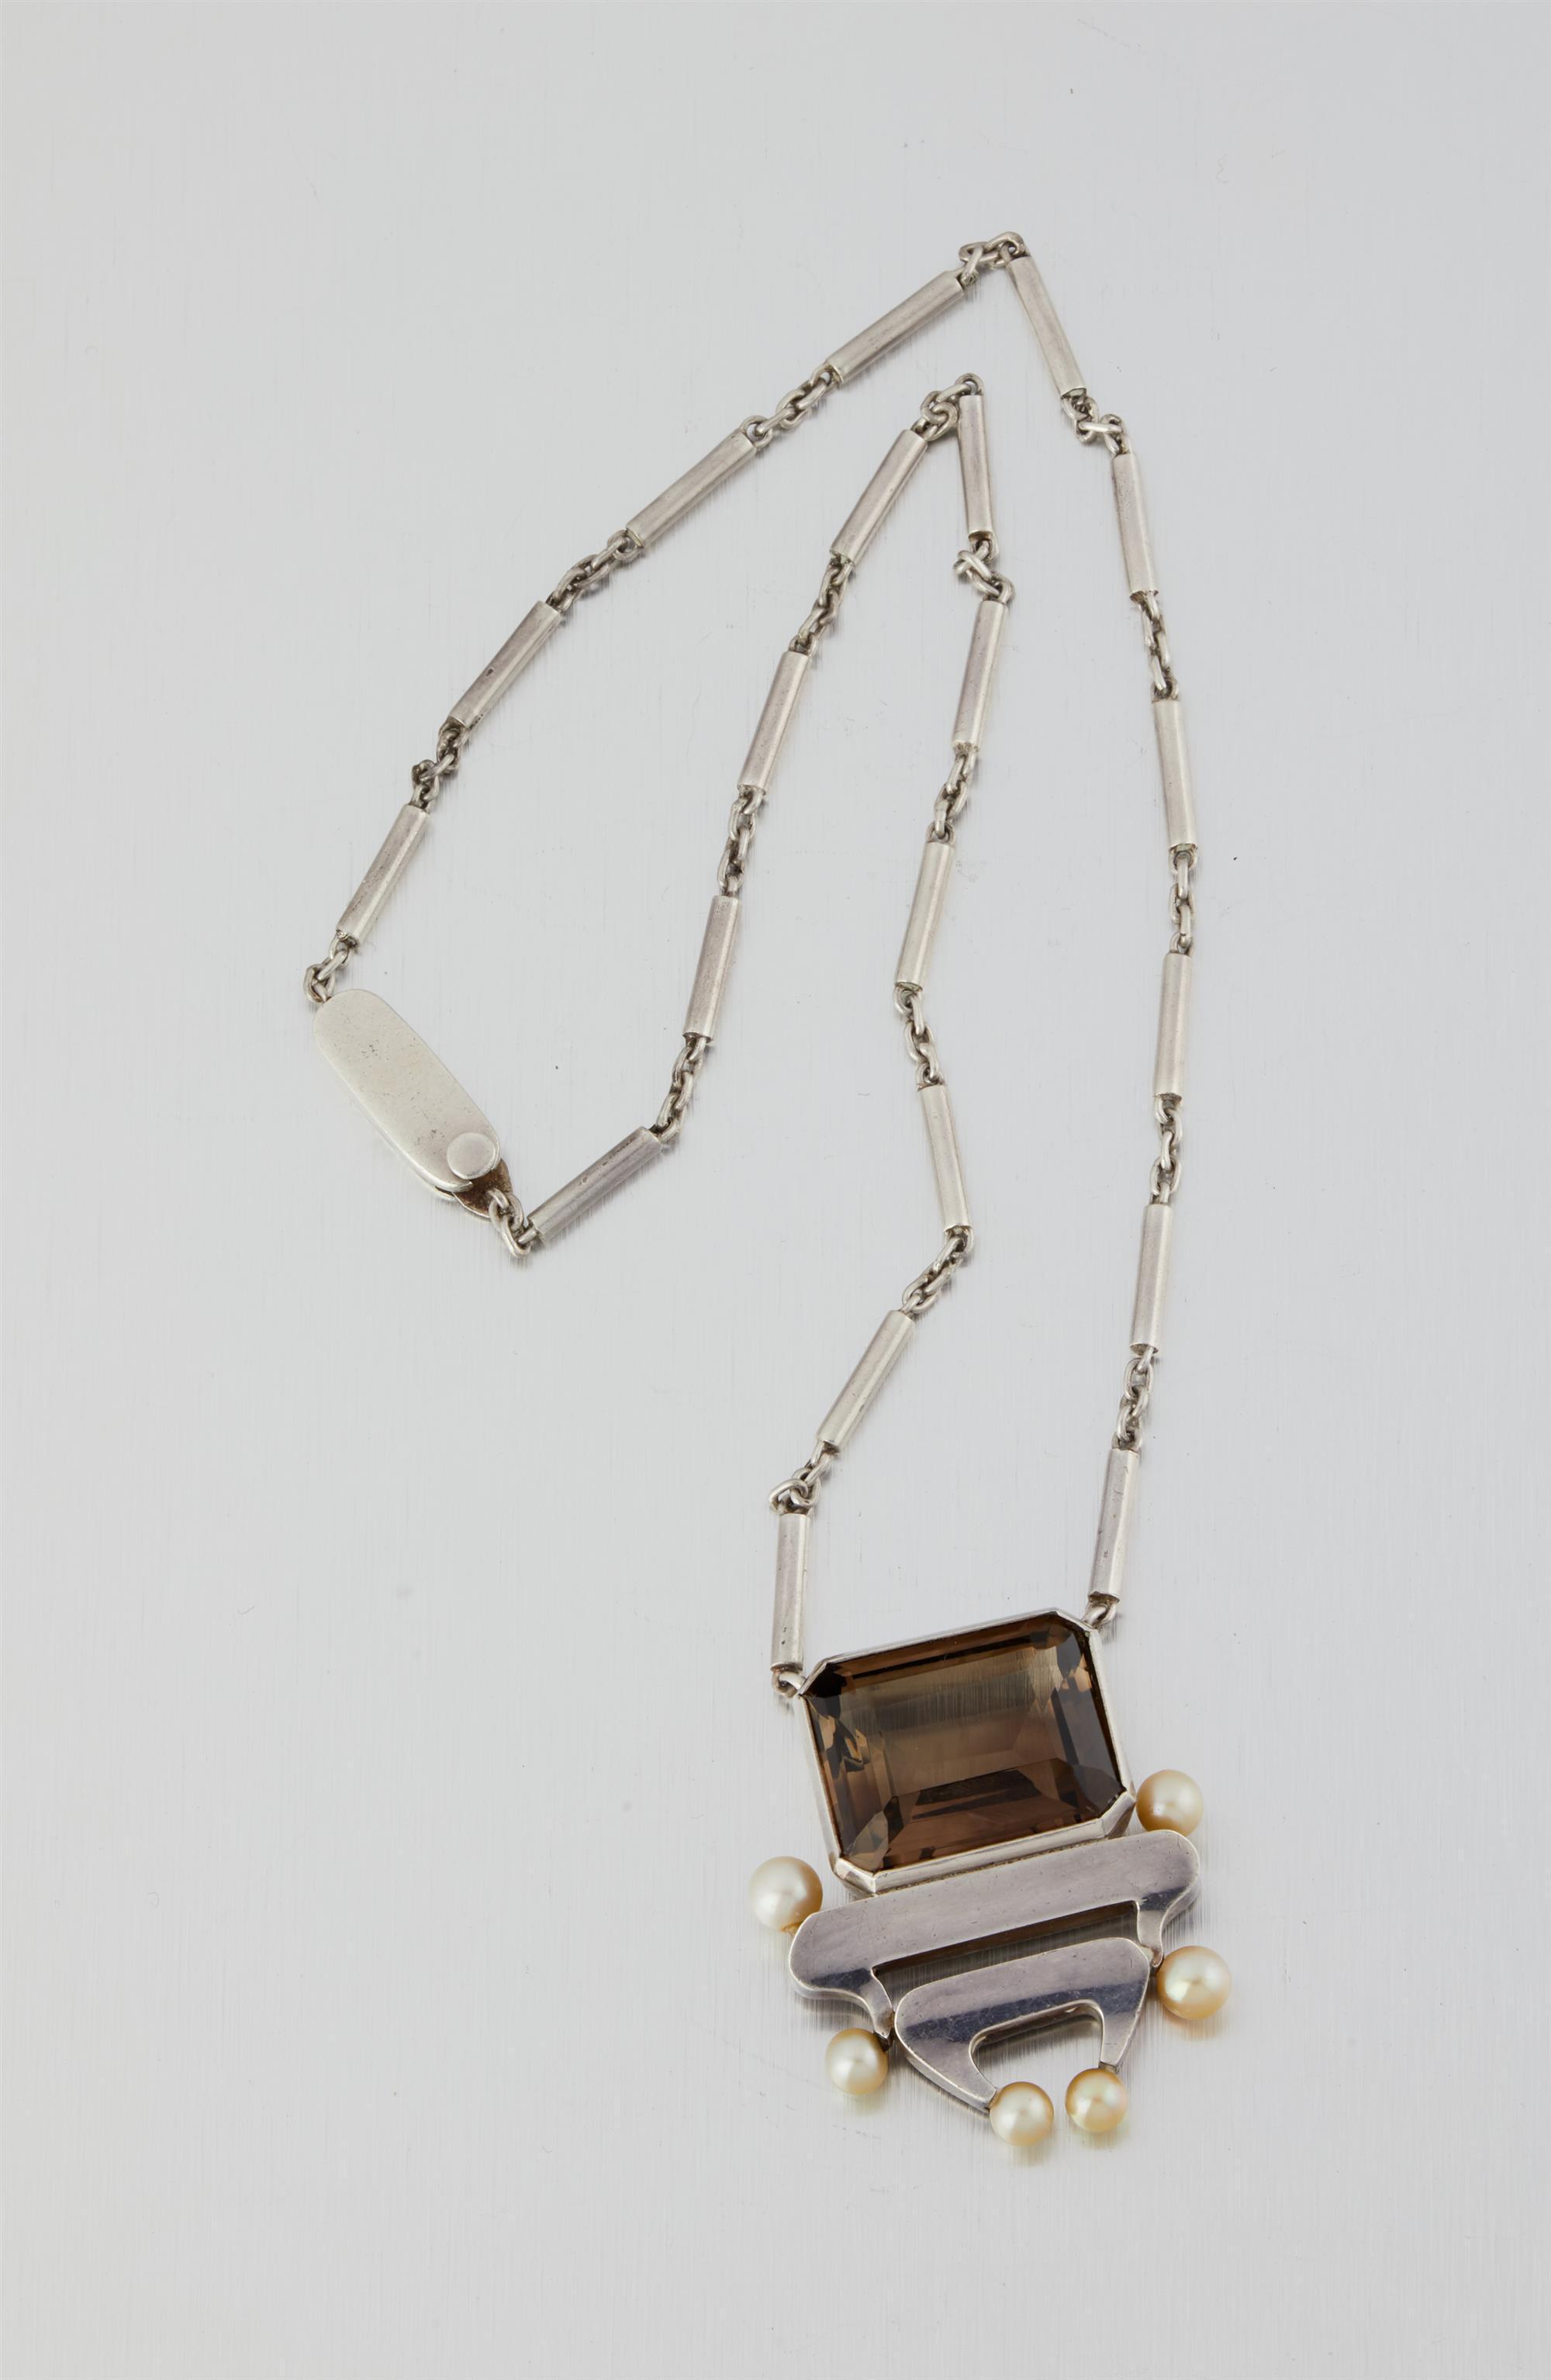 An Antonio Pineda/Los Castillo silver, smokey quartz and pearl necklace